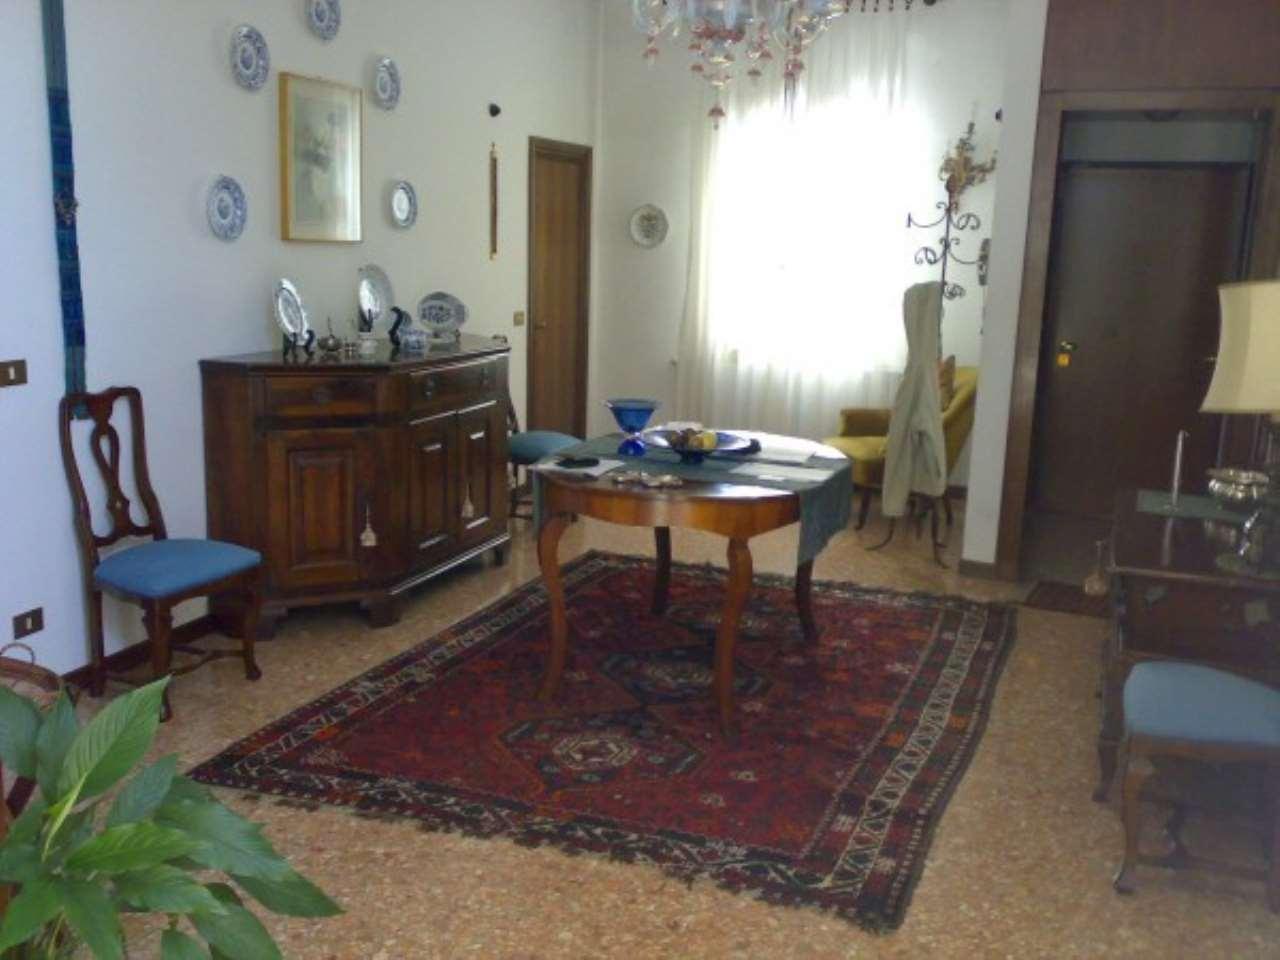 Appartamento in vendita a Venezia, 6 locali, zona Zona: 4 . Castello, prezzo € 850.000 | Cambio Casa.it